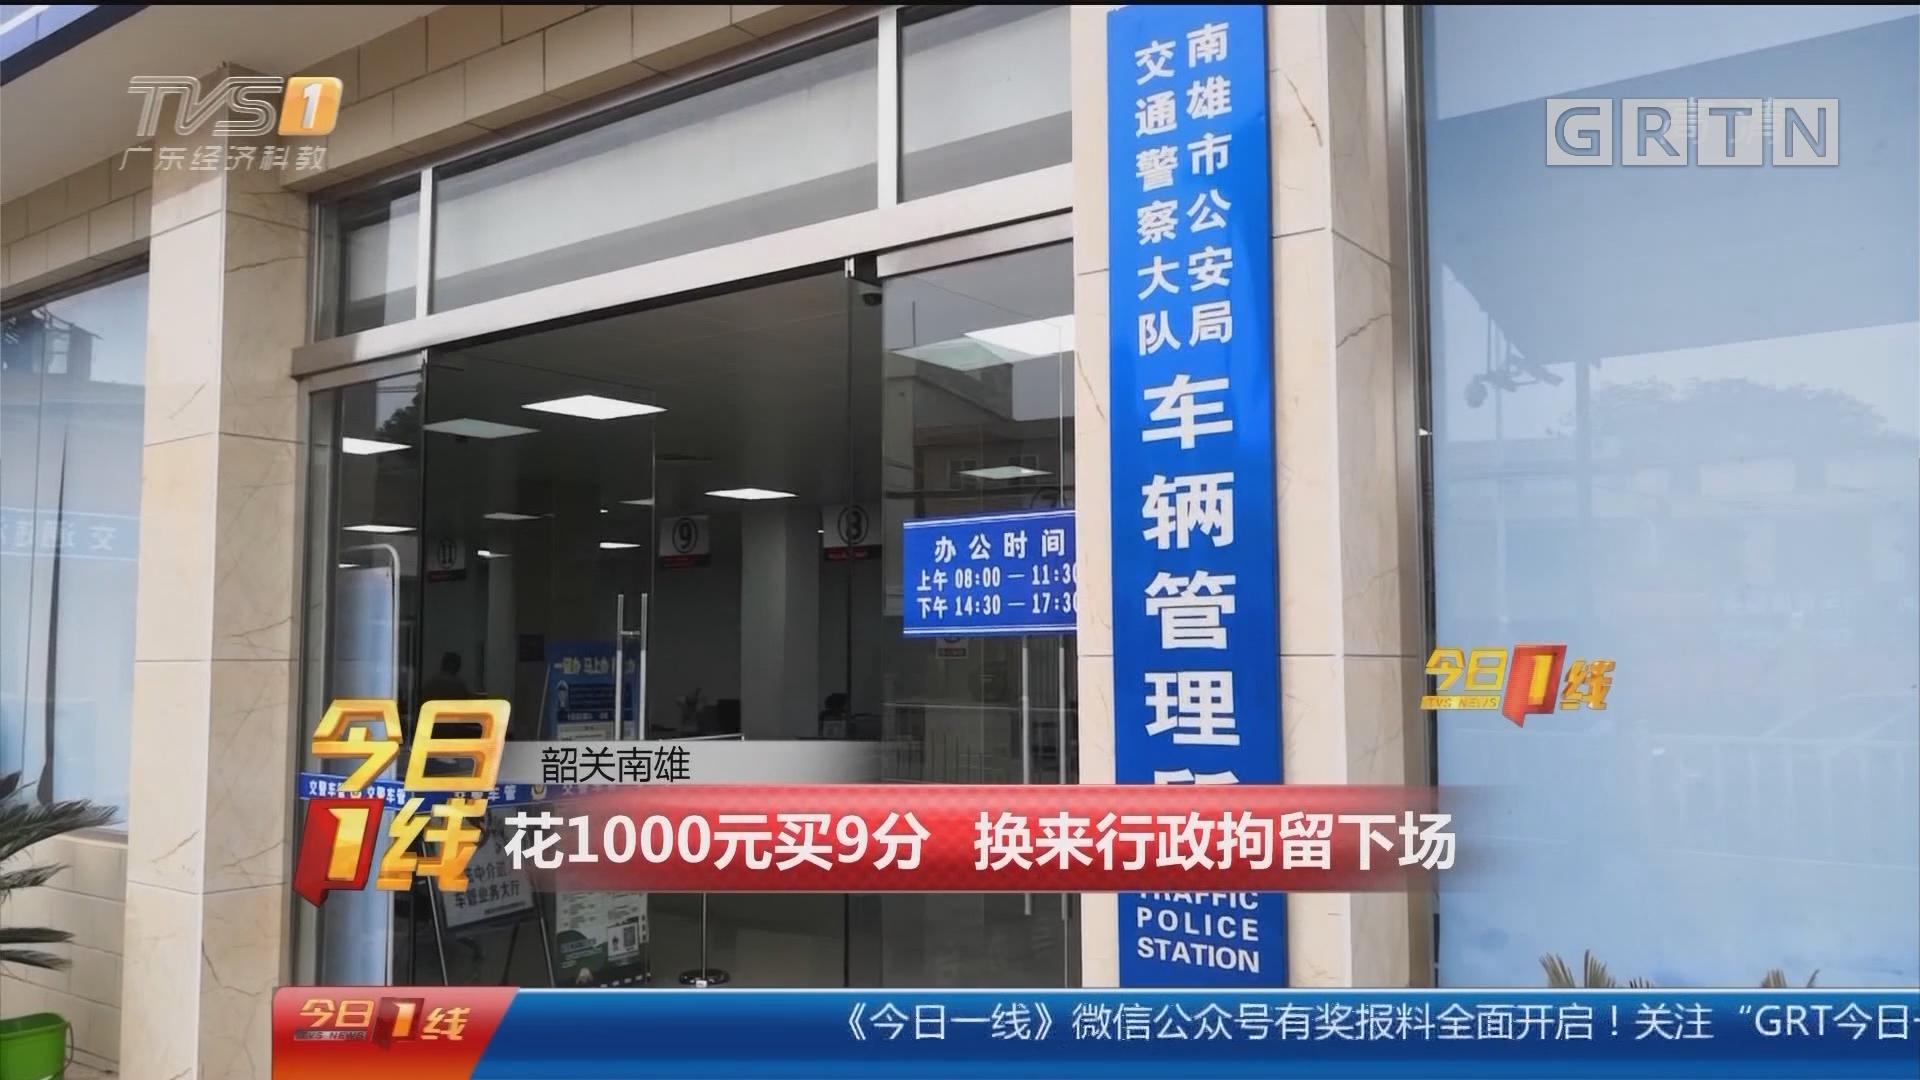 韶关南雄:花1000元买9分 换来行政拘留下场